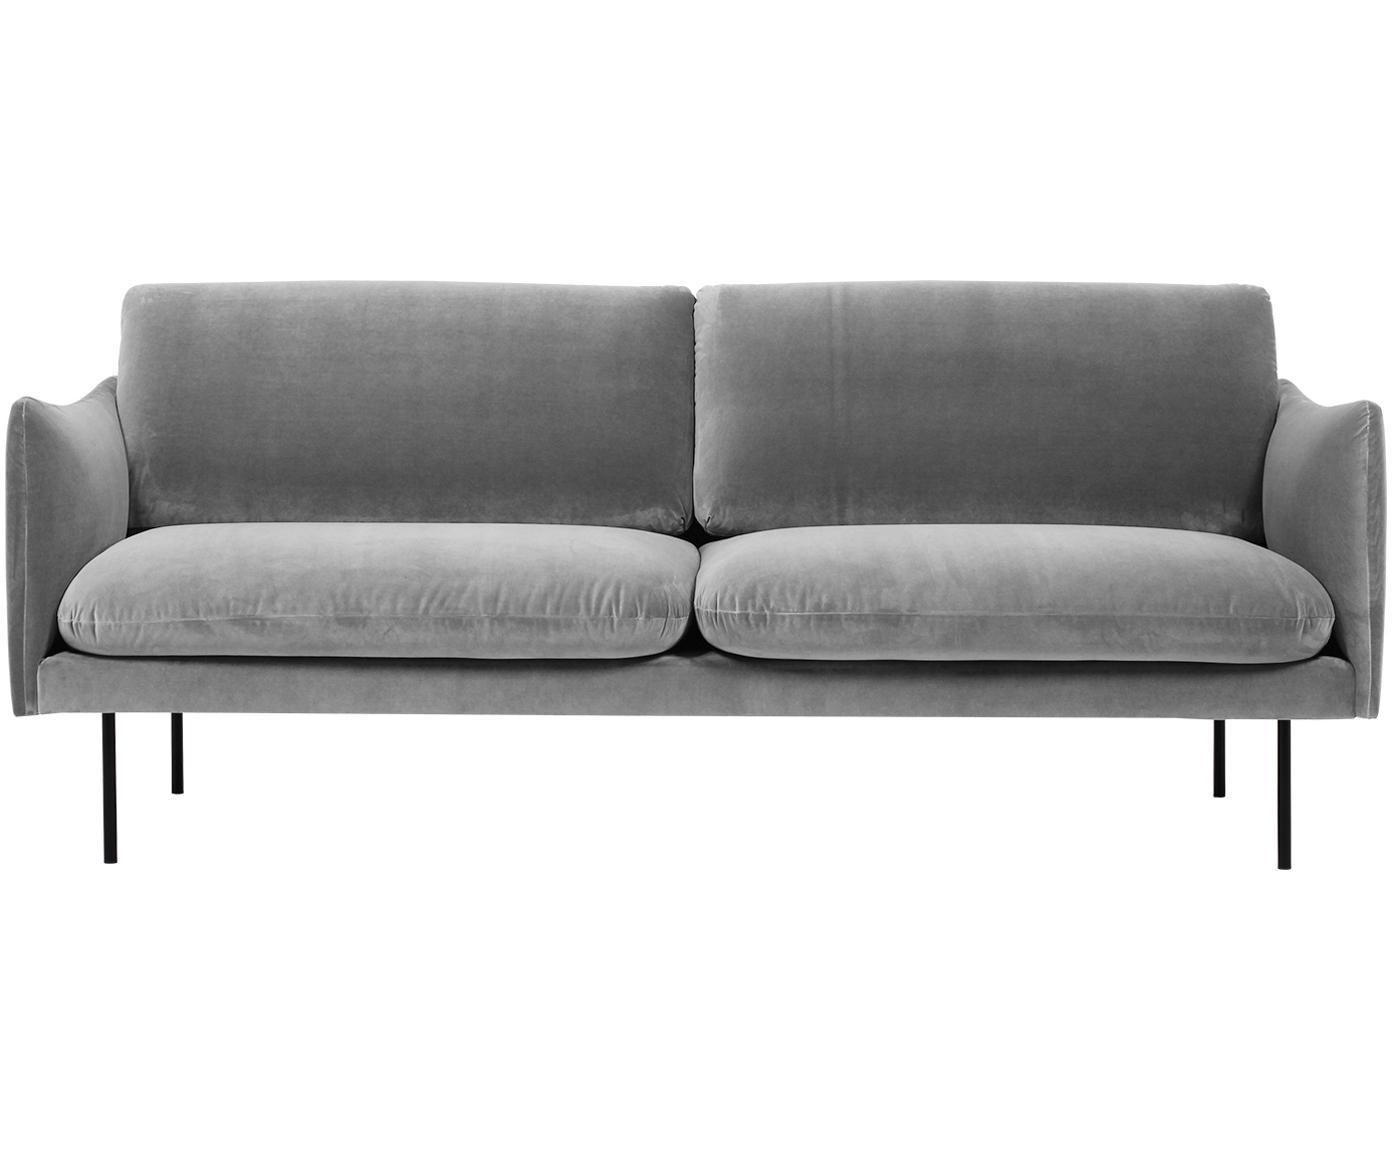 Sofá de terciopelo Moby (2plazas), Tapizado: terciopelo (poliéster de , Estructura: madera de pino macizo, Patas: metal, pintura en polvo, Gris, An 170 x F 95 cm